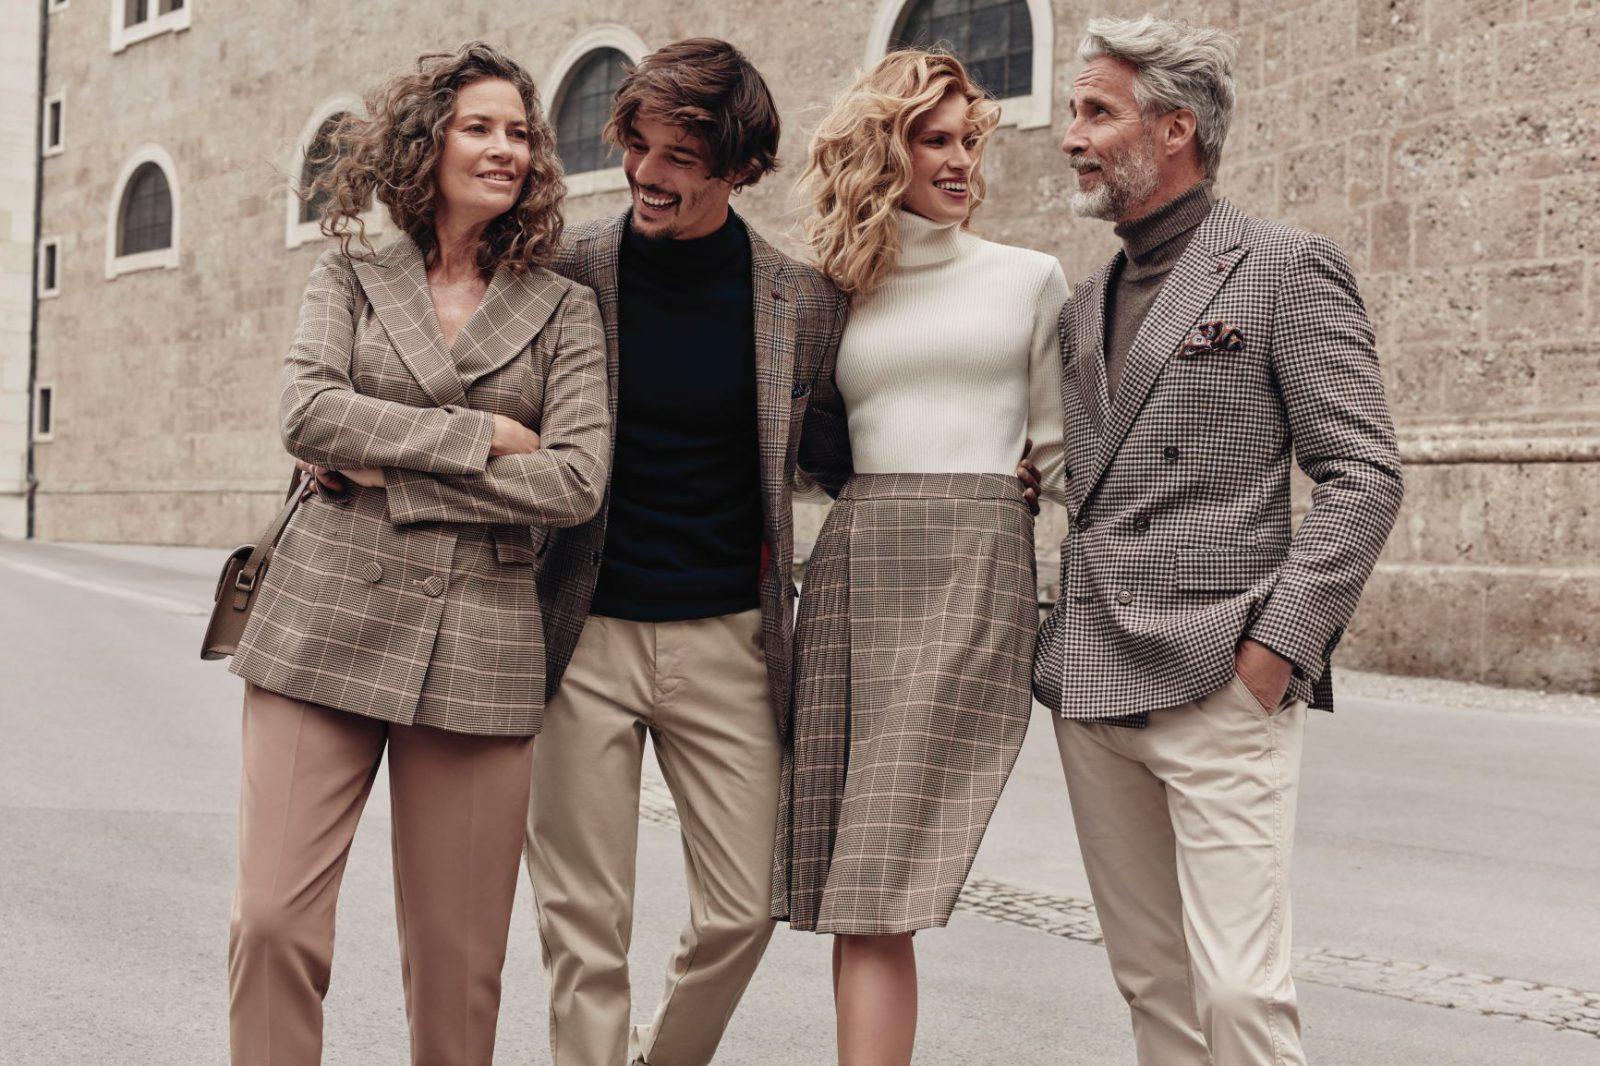 Najnowsza kolekcja Lavard to połączenie nowoczesnej garderoby dla kobiet i mężczyzn zainspirowana włoskim i angielskim krawiectwem. (Fot. materiały prasowe)